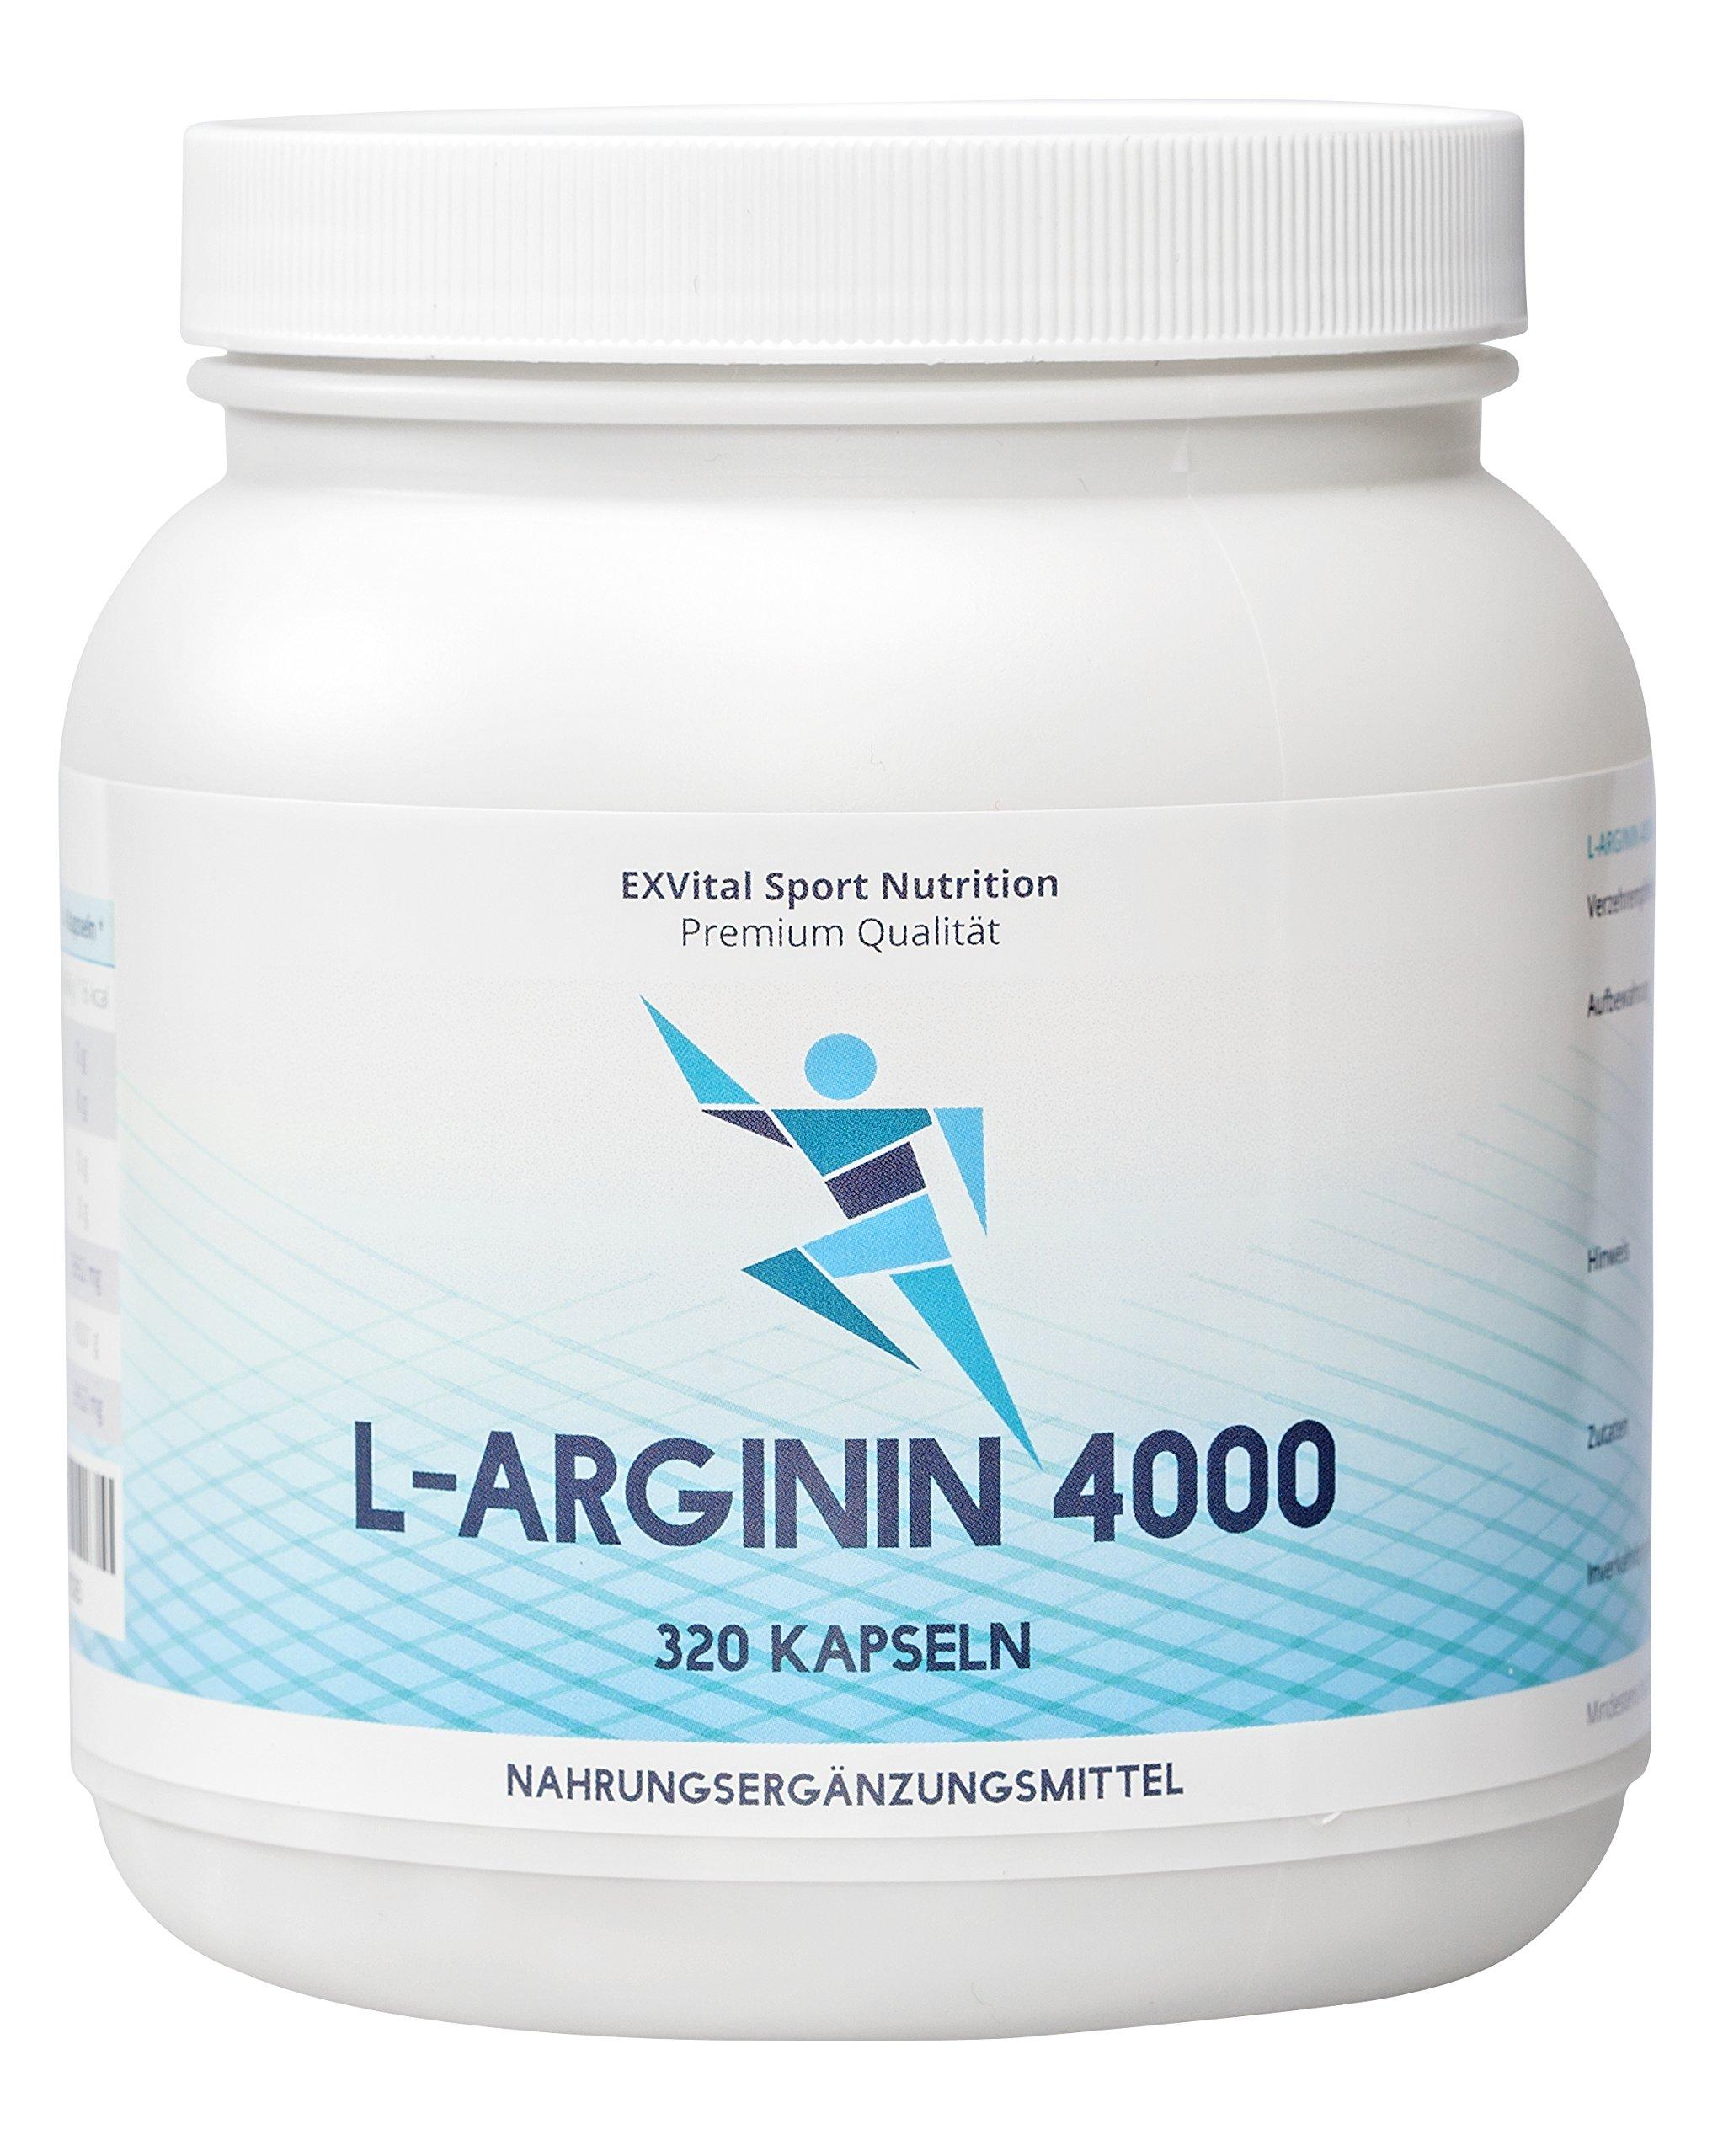 EXVital L-Arginin 4000 hochdosiert, 320 Kapseln in deutscher Premiumqualität, 2-3 Monatskur, semi-essentielle Aminosäuren 1er Pack (1x 403g) product image